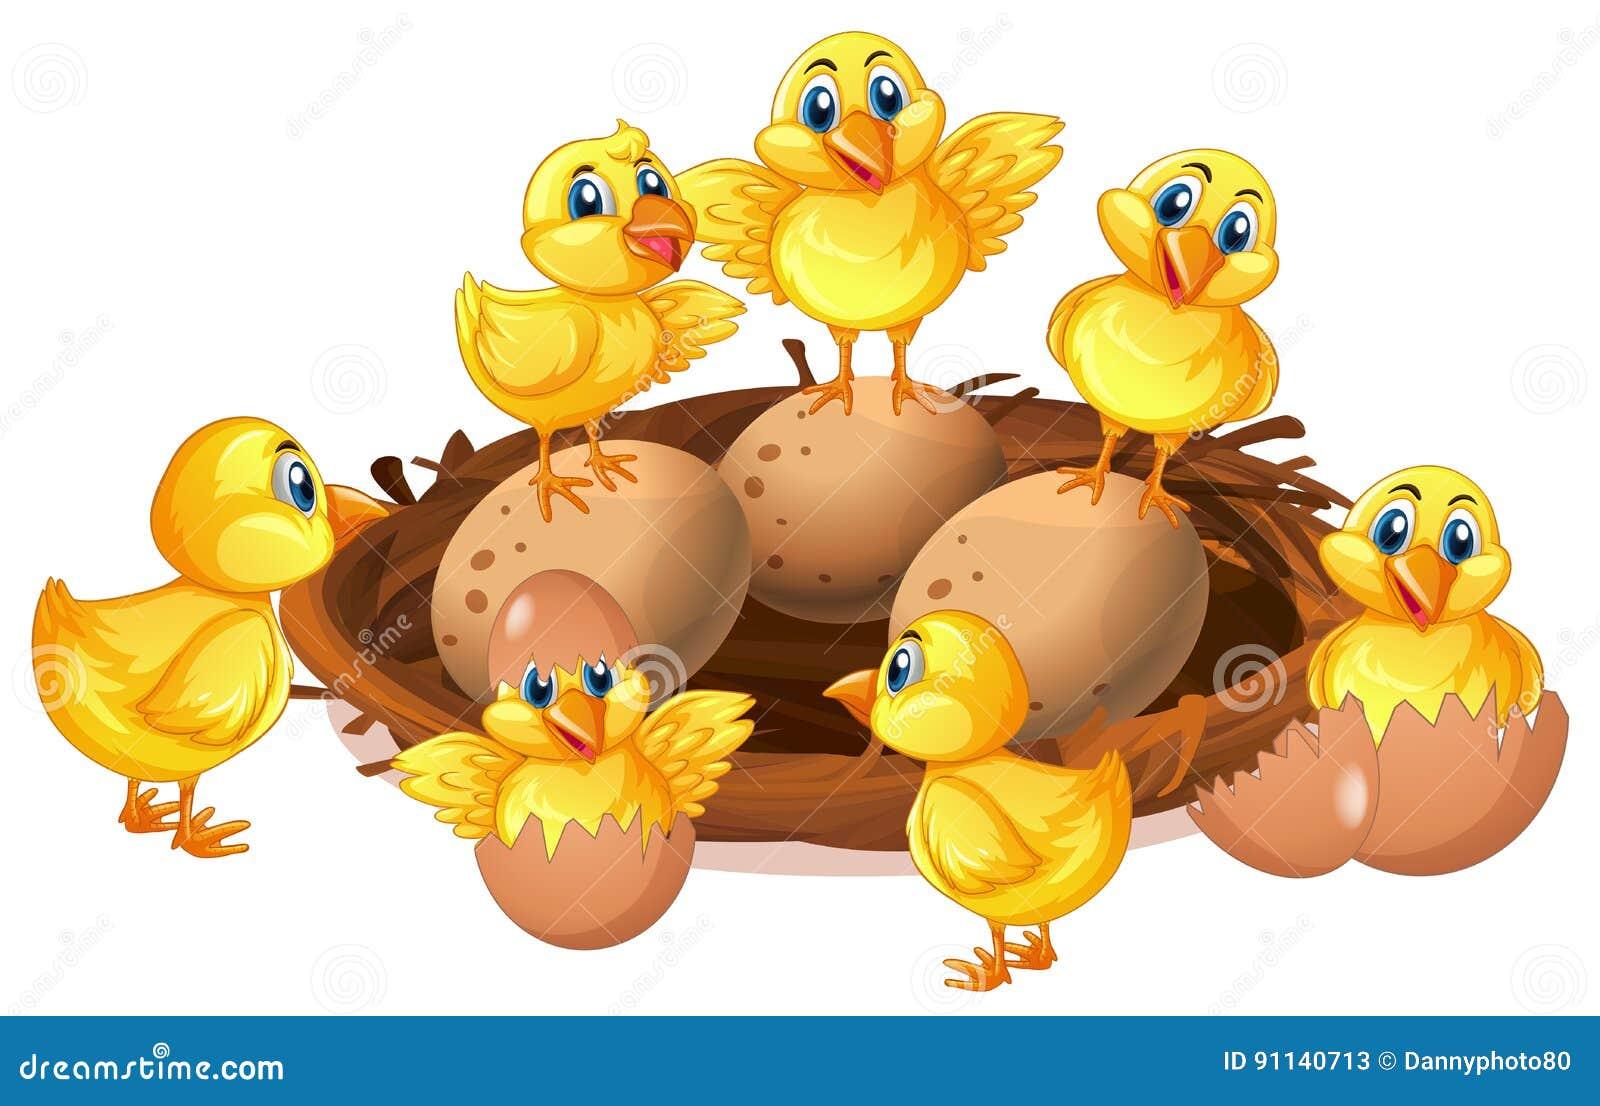 Muchos polluelos y huevos en jerarquía